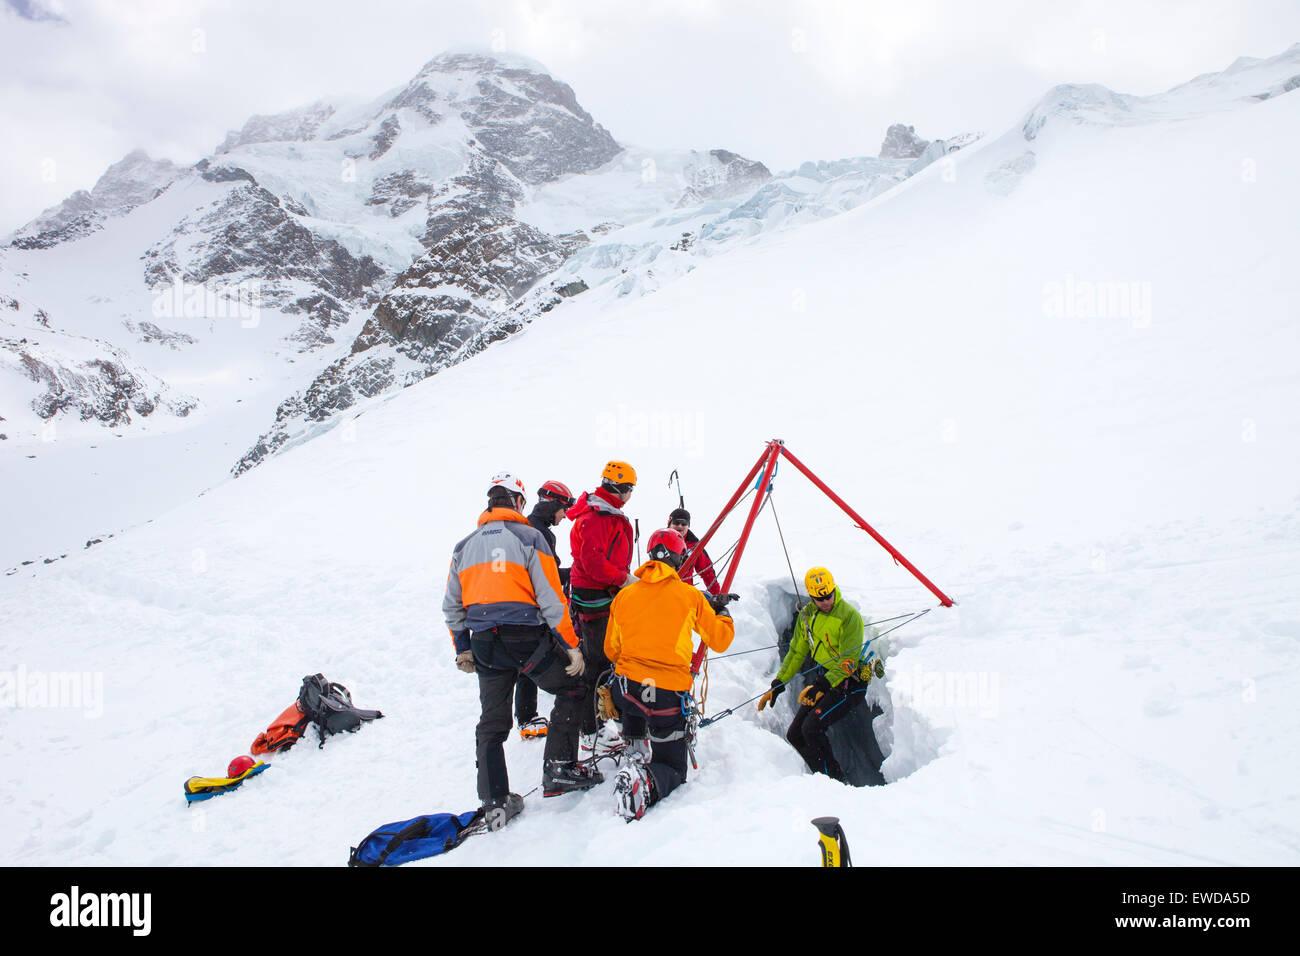 Un technicien de sauvetage en montagne est en ordre décroissant dans une crevasse. Lorsqu'un skieur se Photo Stock